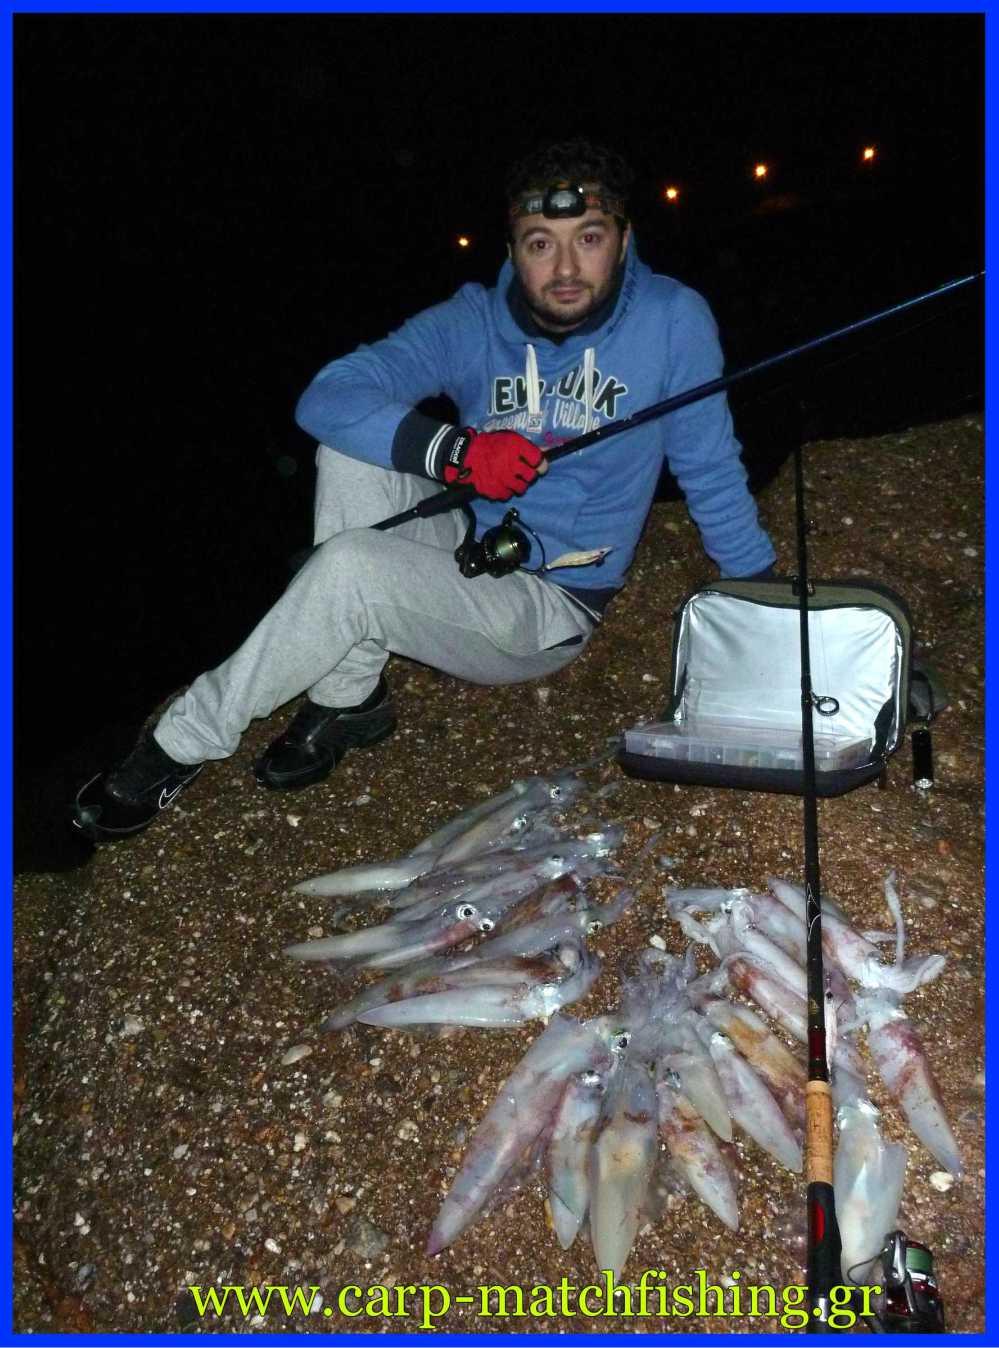 eging-all-carp-matchfishing-gr.jpg